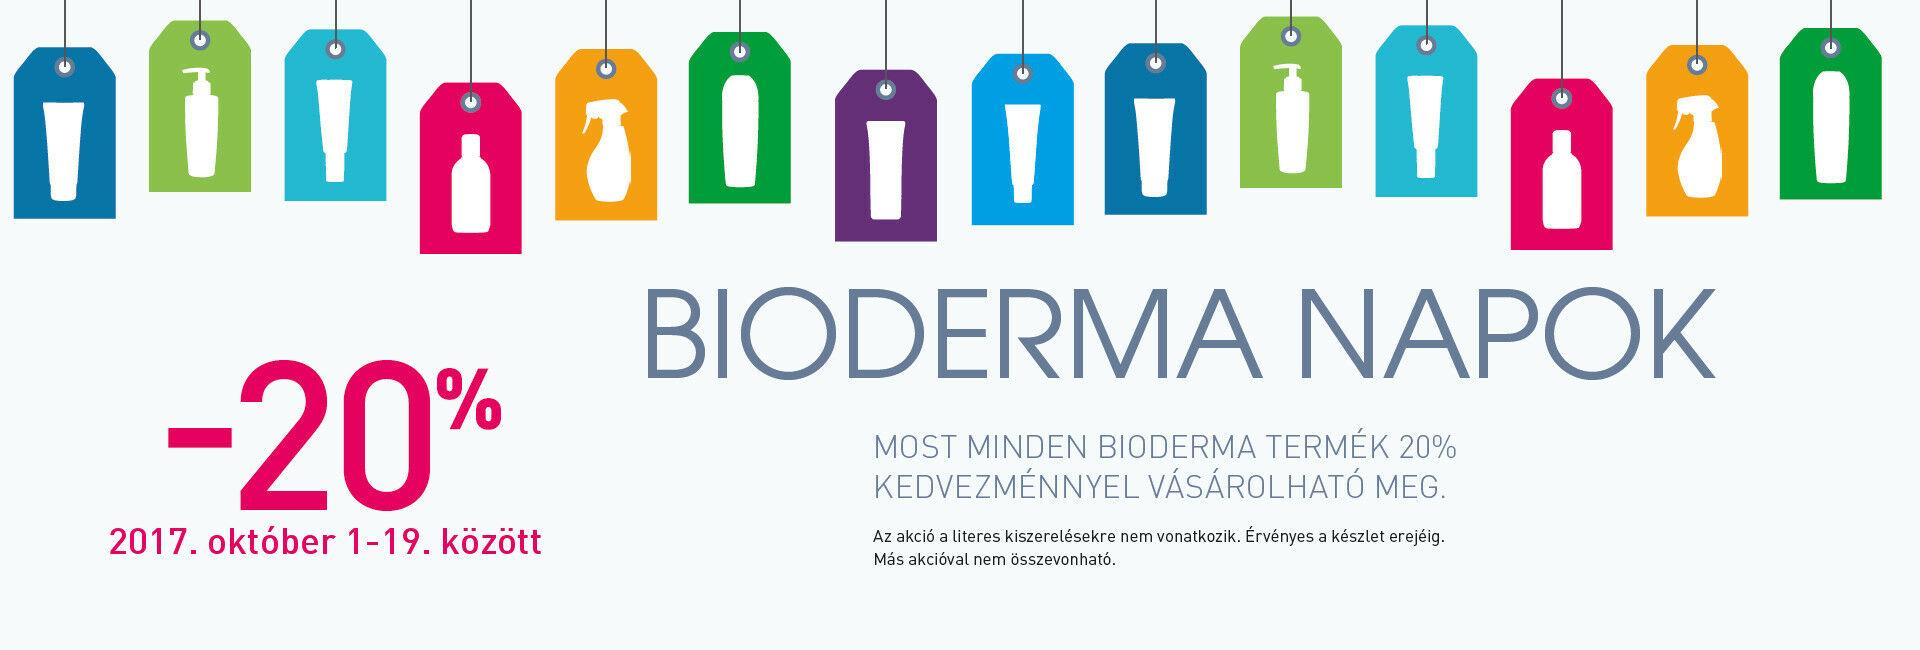 Minden Bioderma terméket 20-50% kedvezménnyel kínálunk!